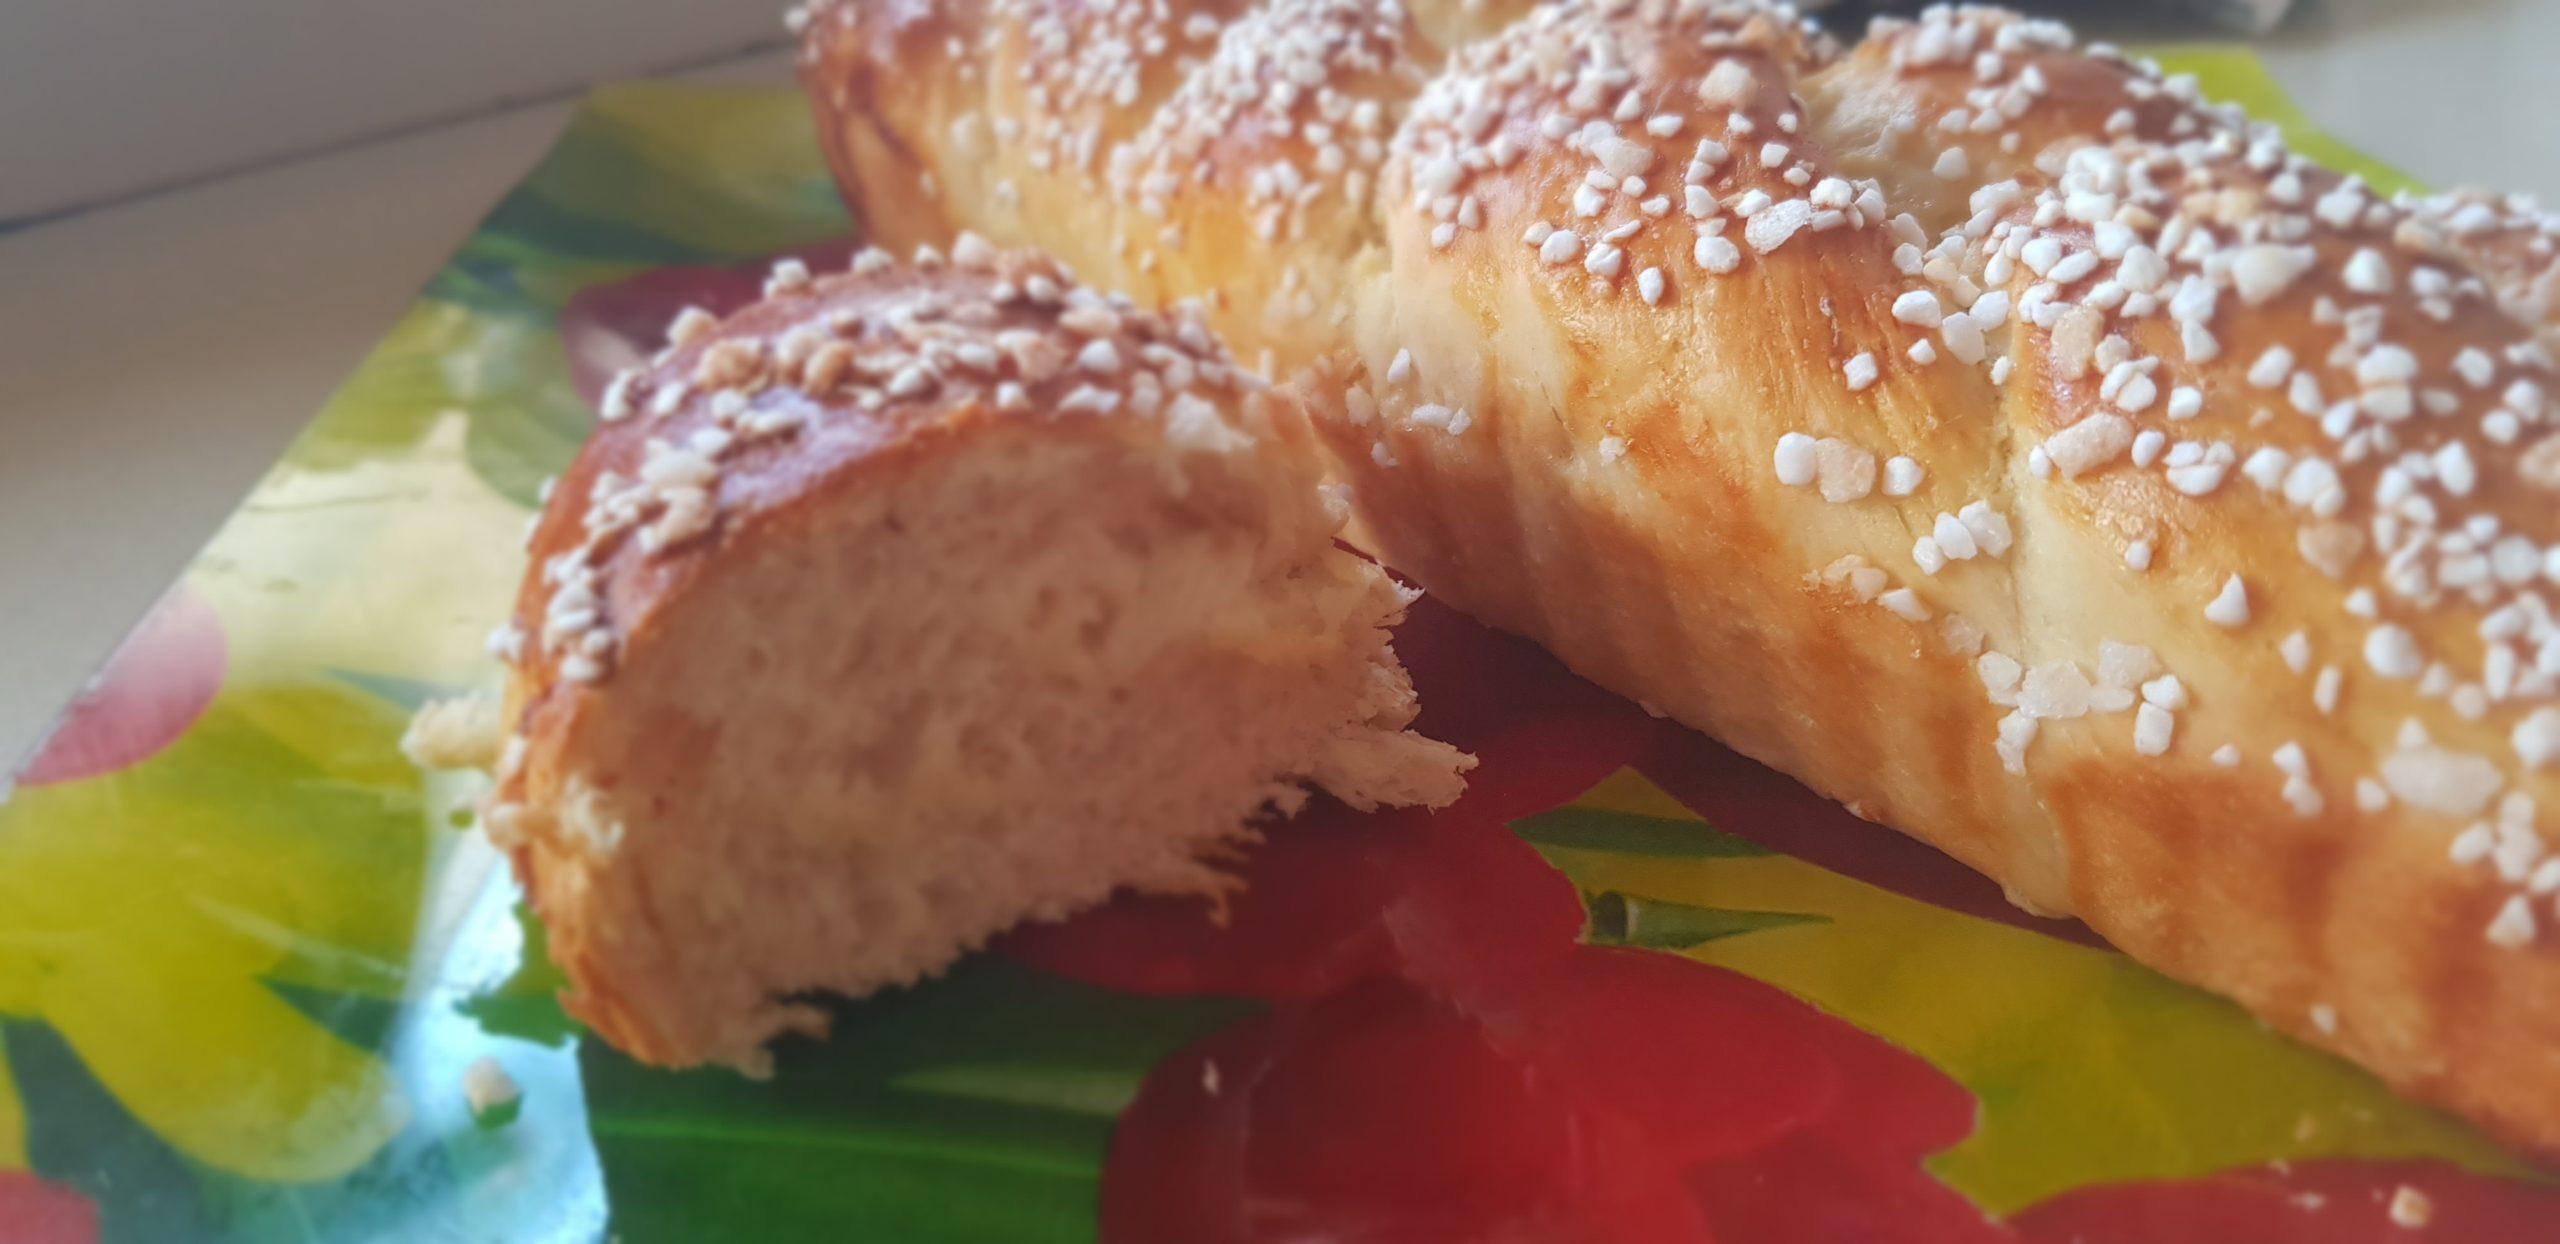 Les brioches au beurre comme à la boulangerie !